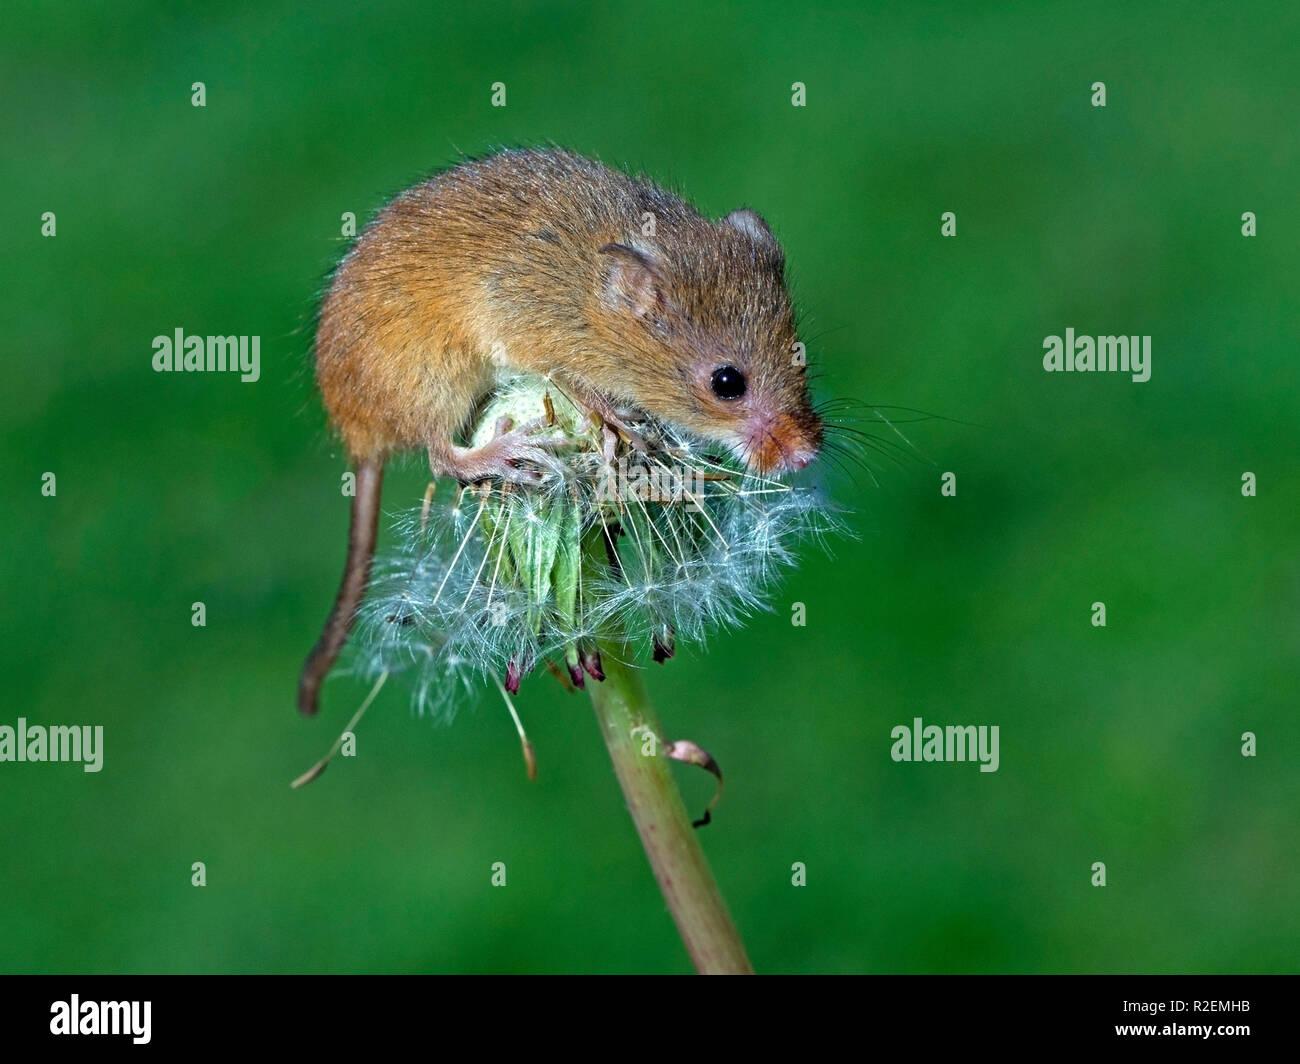 Eurasian harvest mouse on dandelion - Stock Image